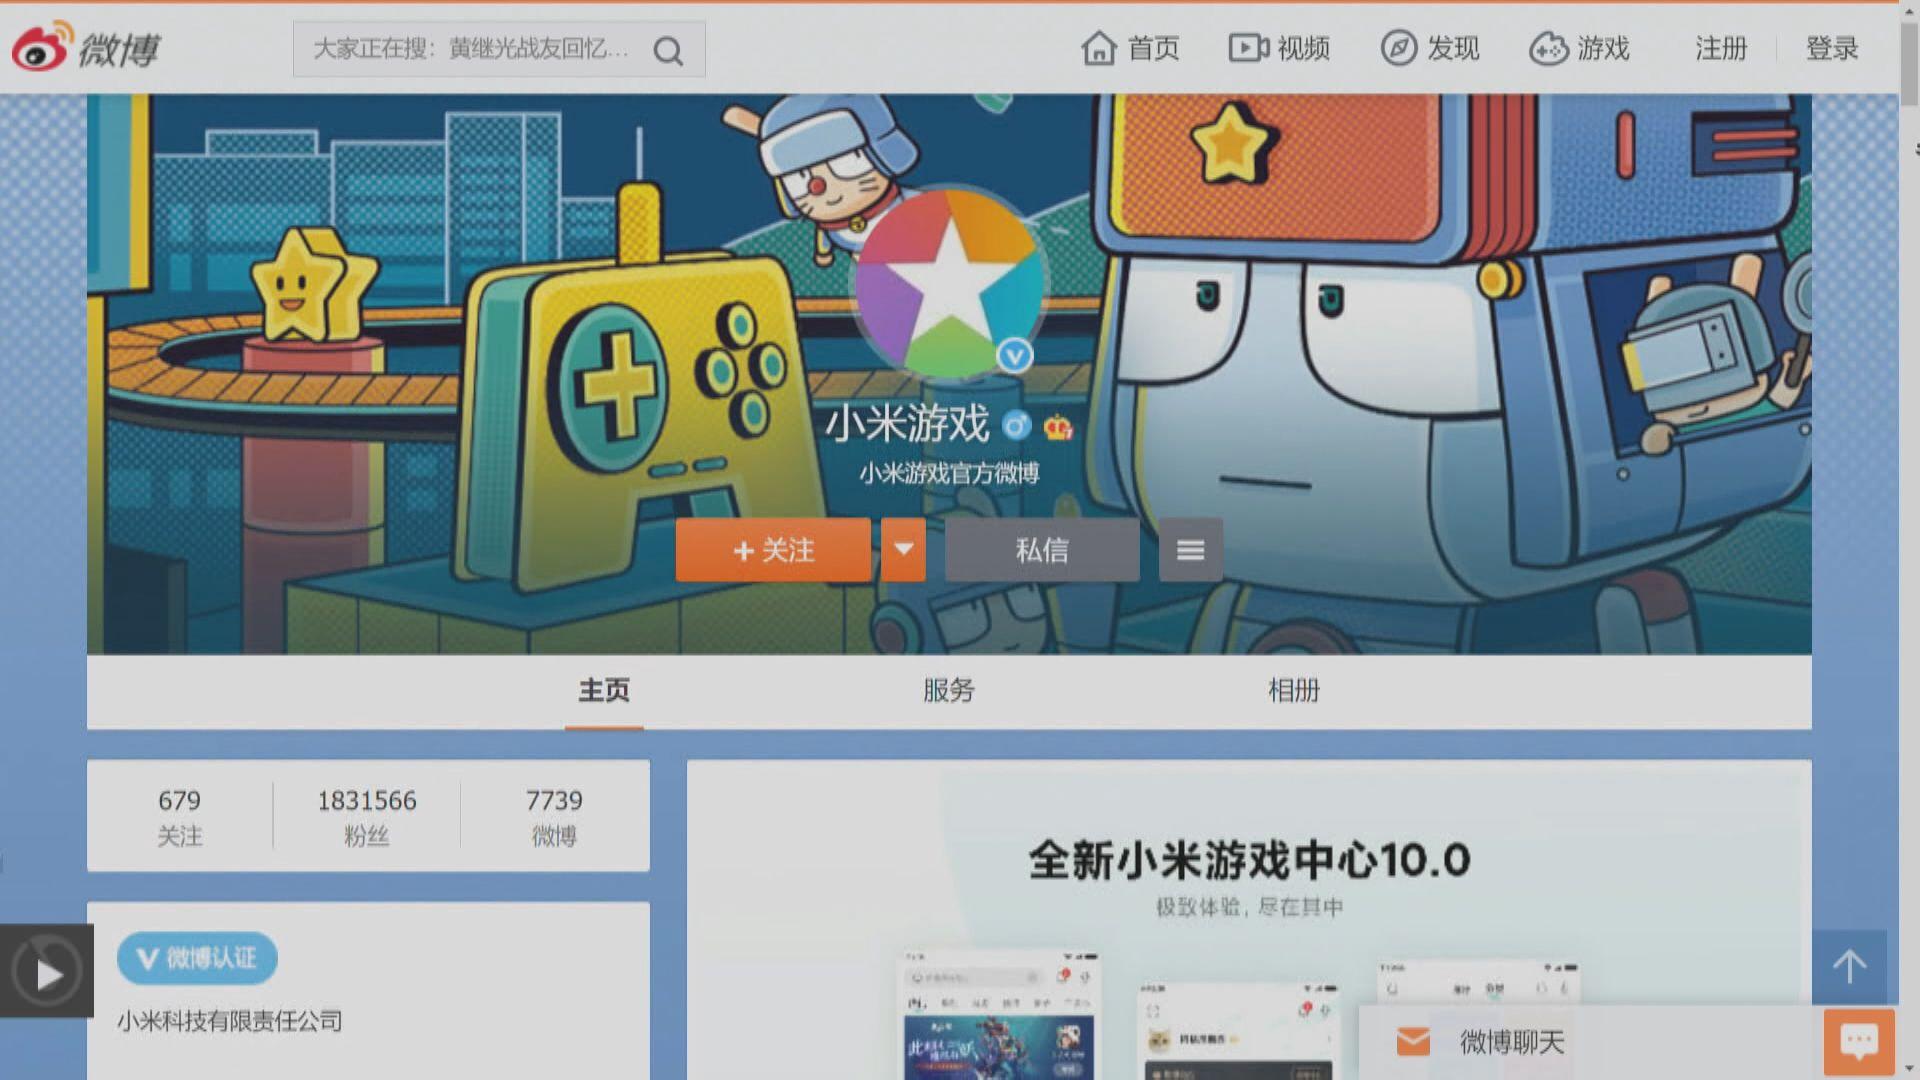 小米遊戲9月起調整未成年人防沉迷系統